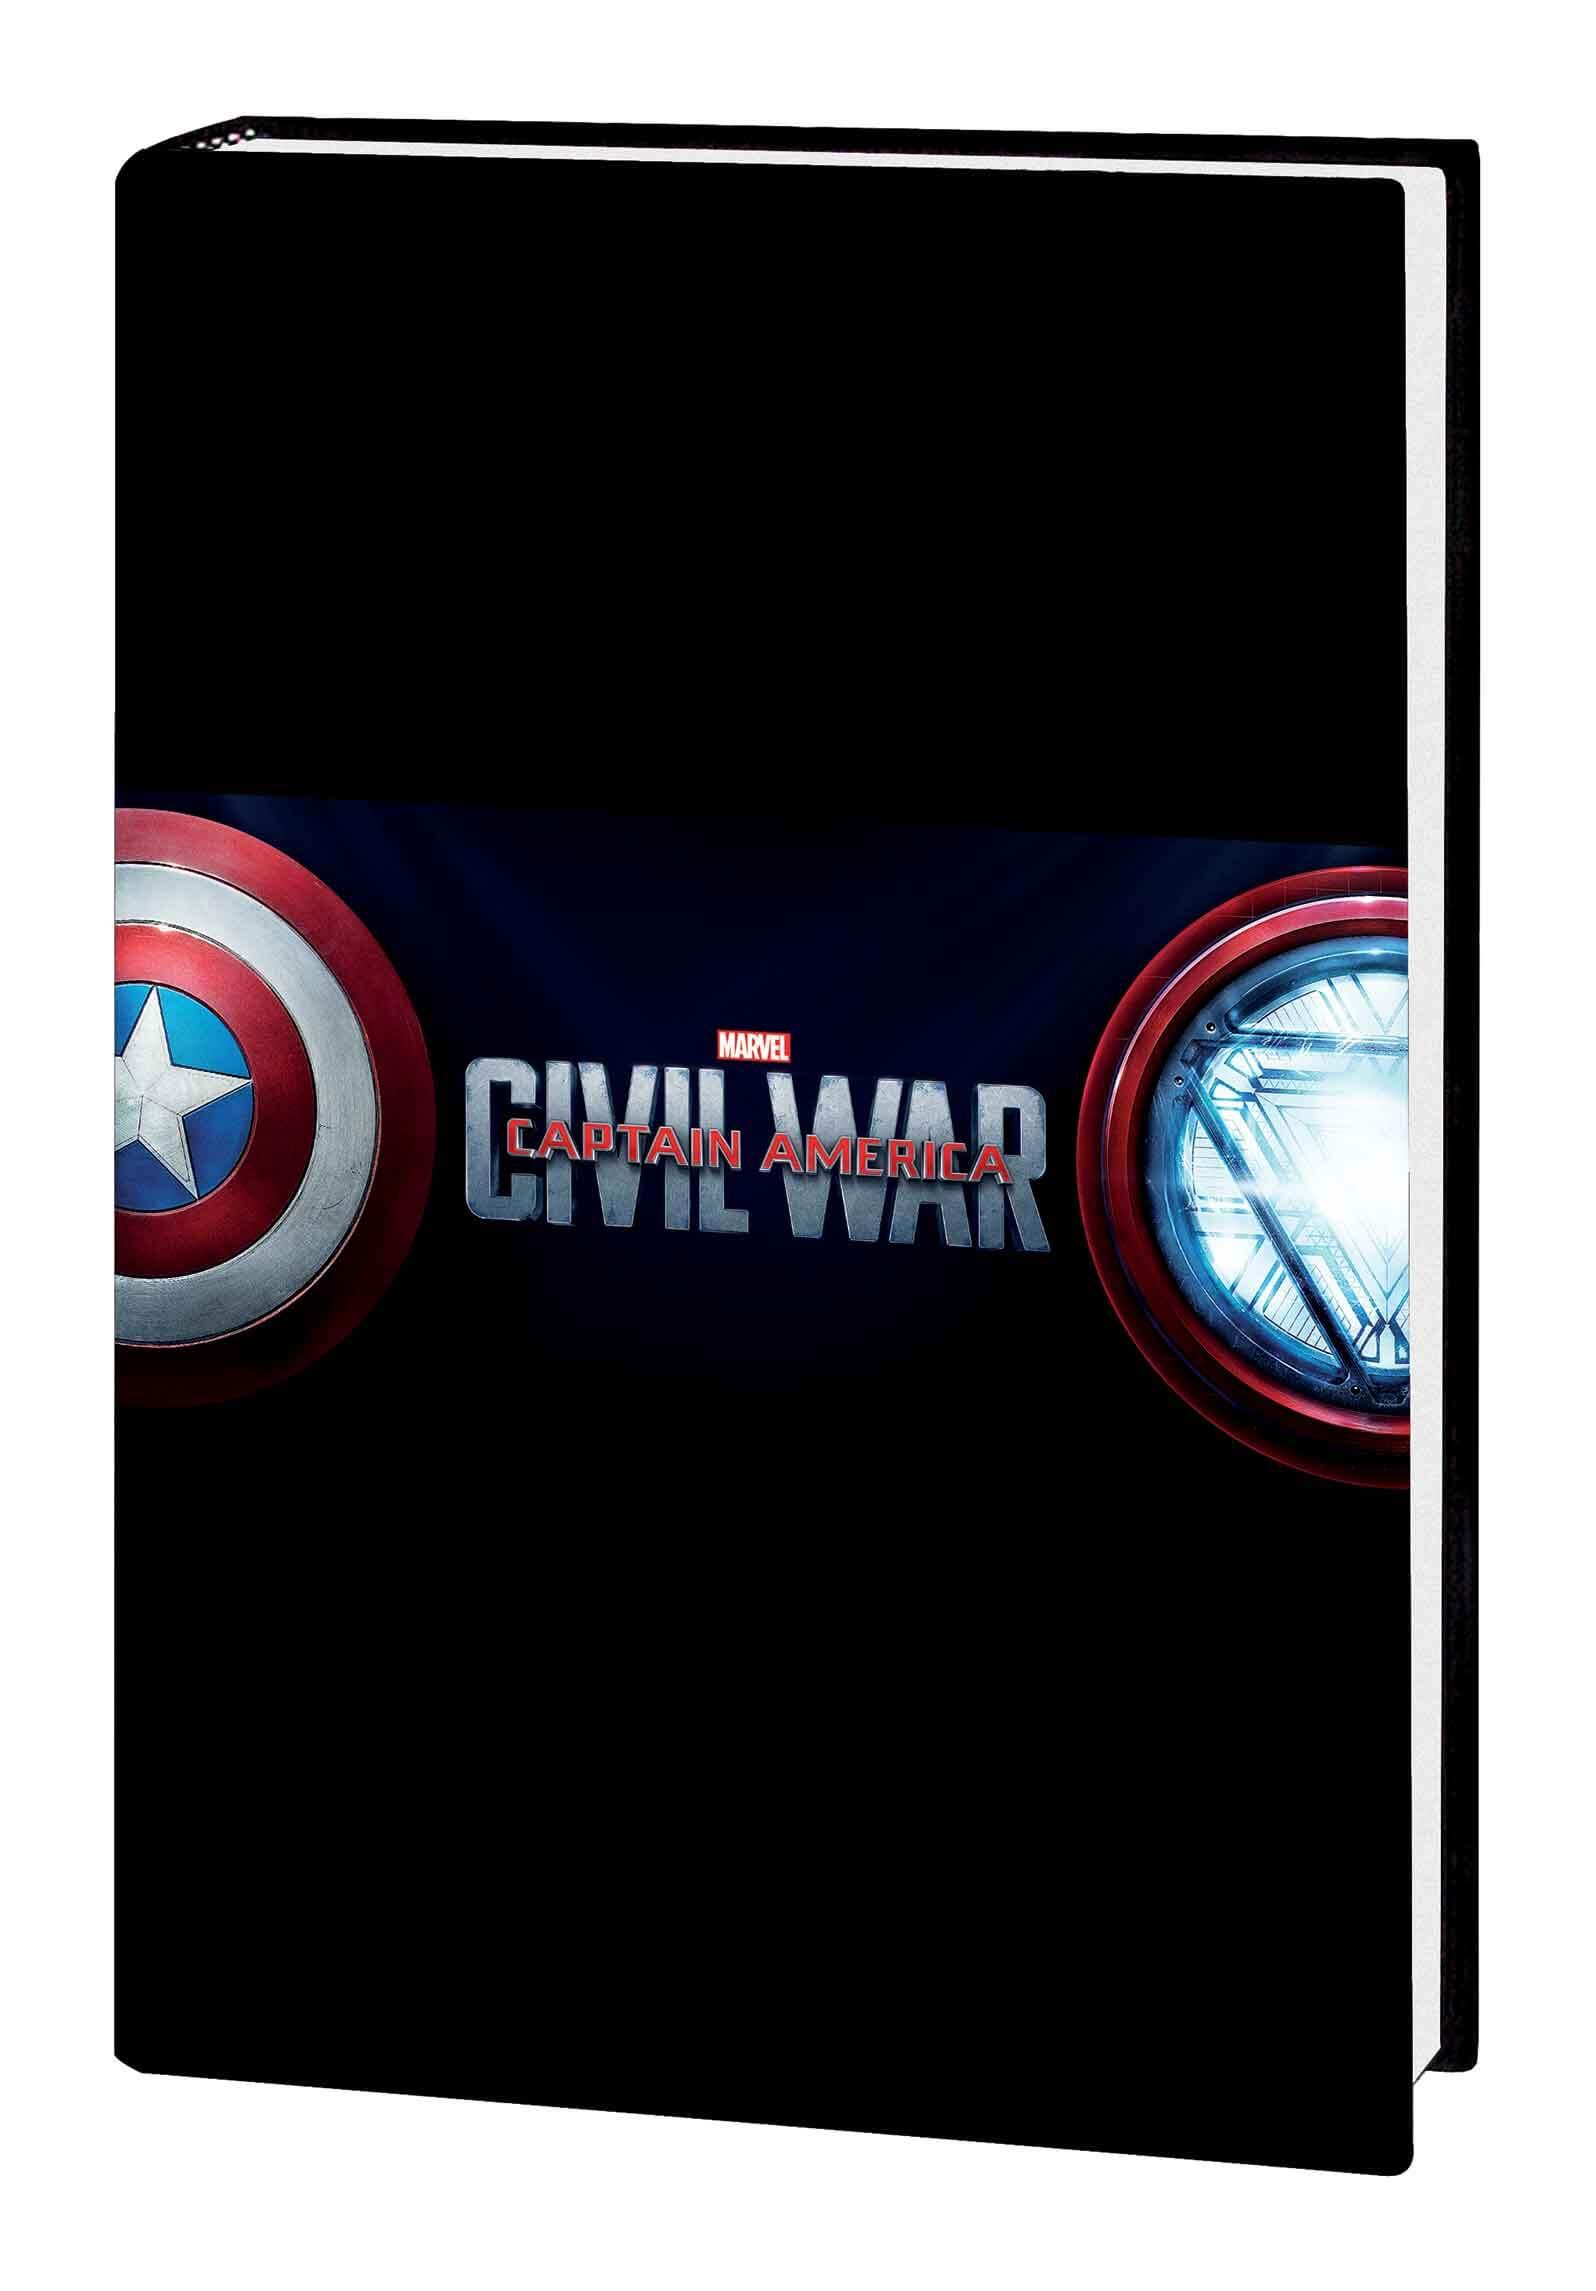 CIVWARHC_movie_logo